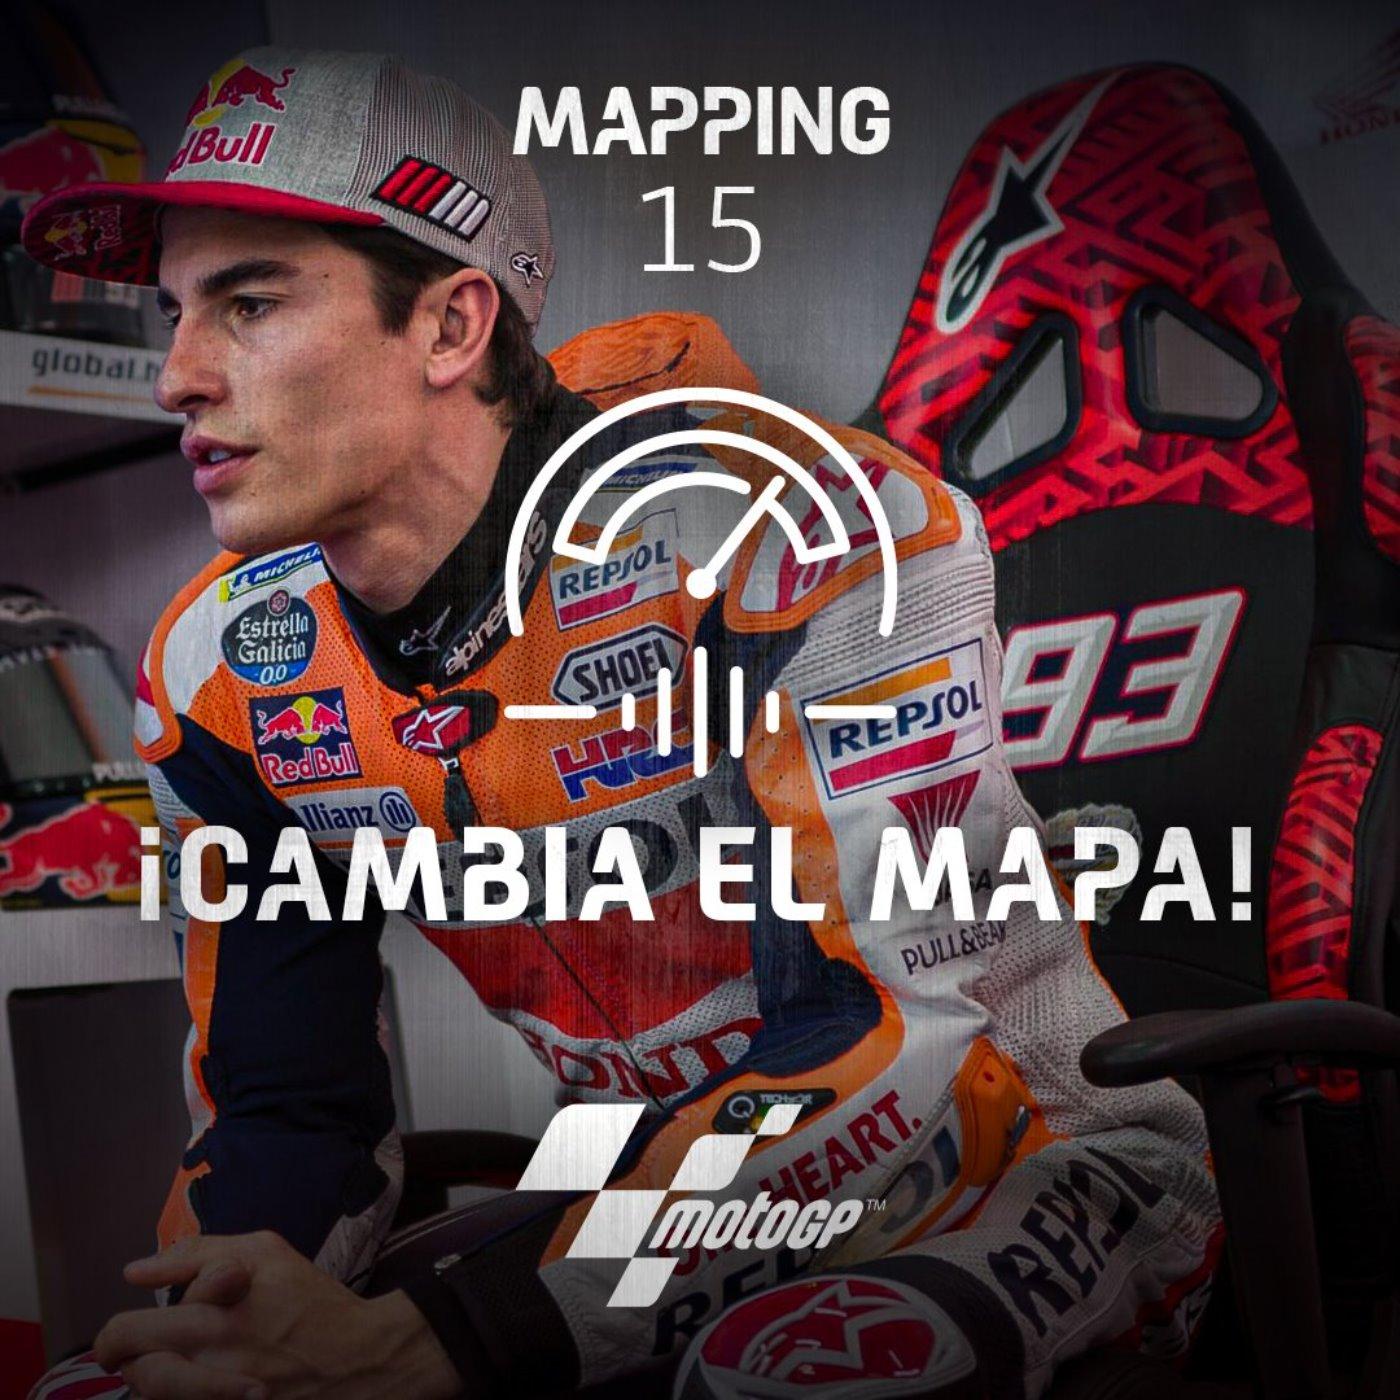 Mapping 15: Márquez, en alerta ante el factor sorpresa